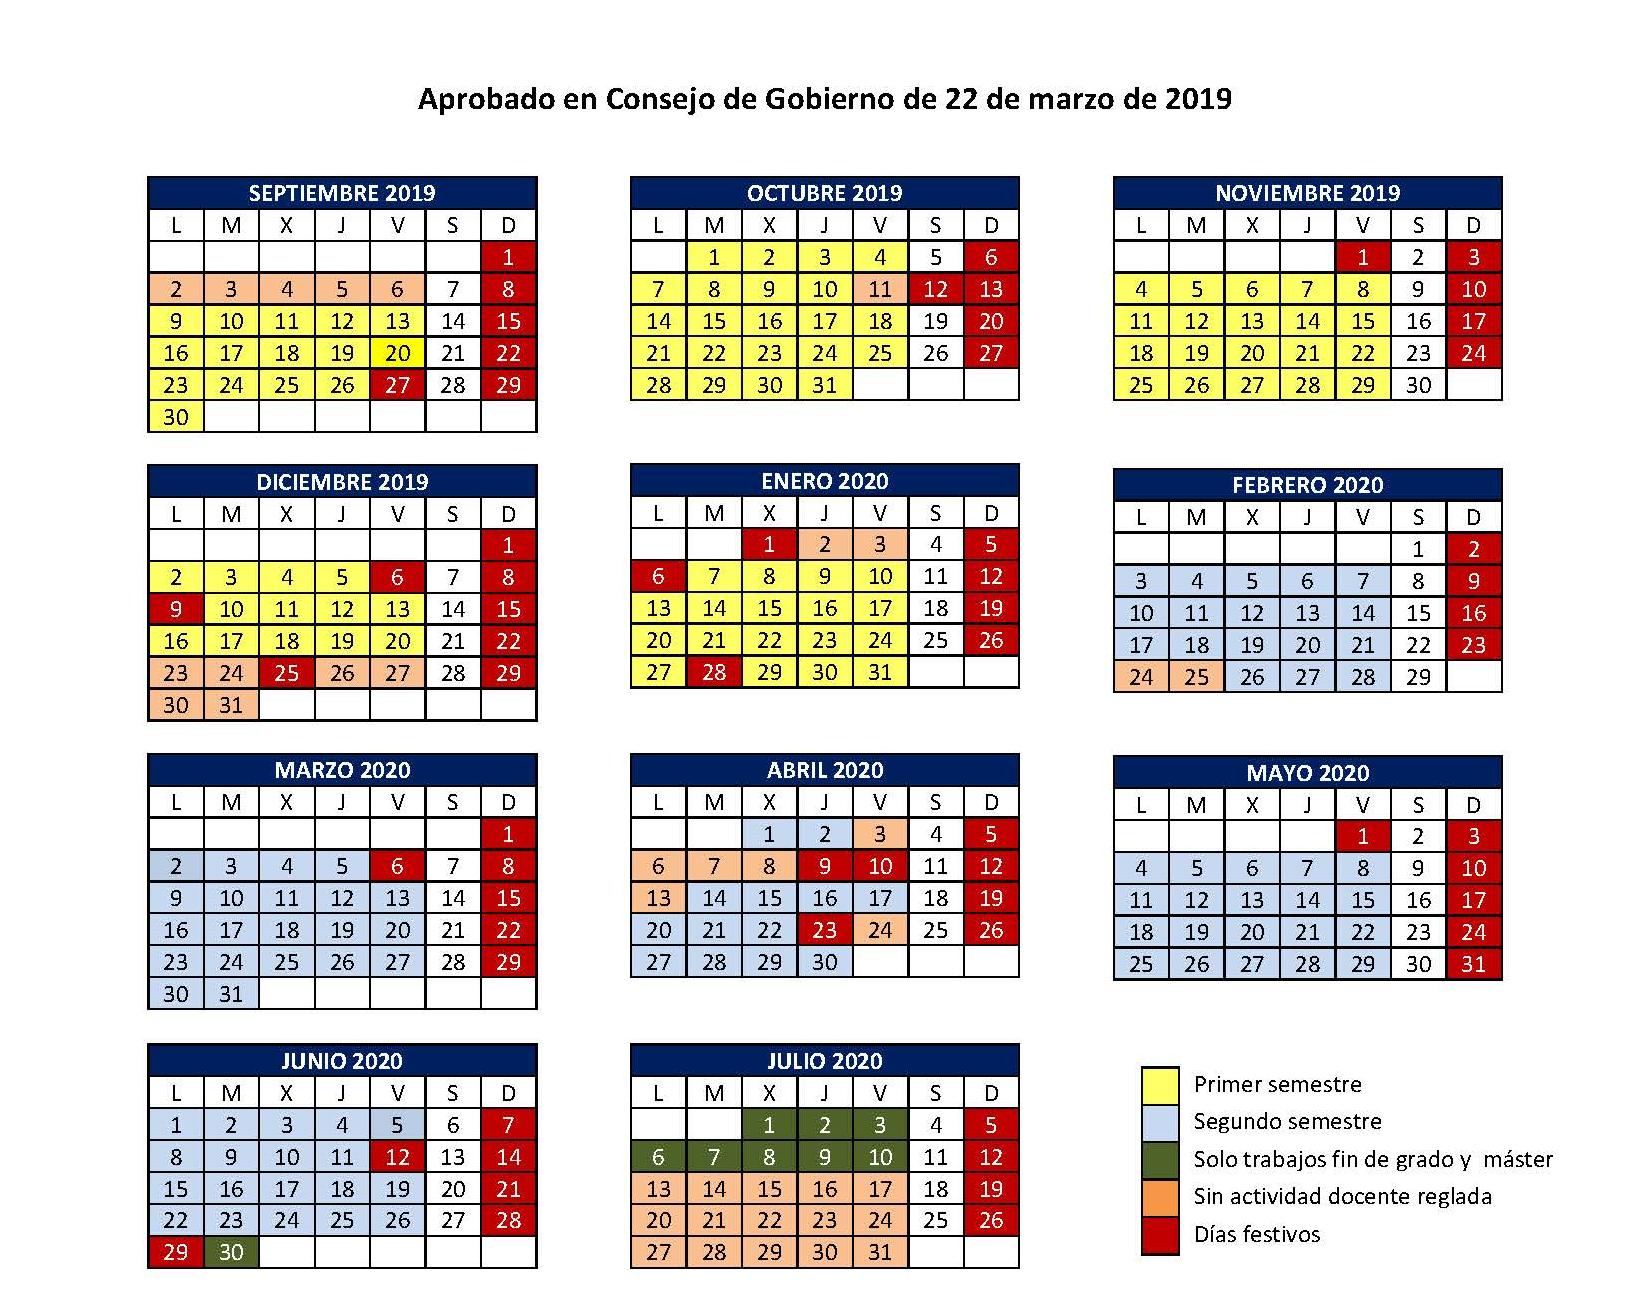 Calendario De Tesis.Calendario Academico Del Curso 2019 2020 Universidad De Burgos